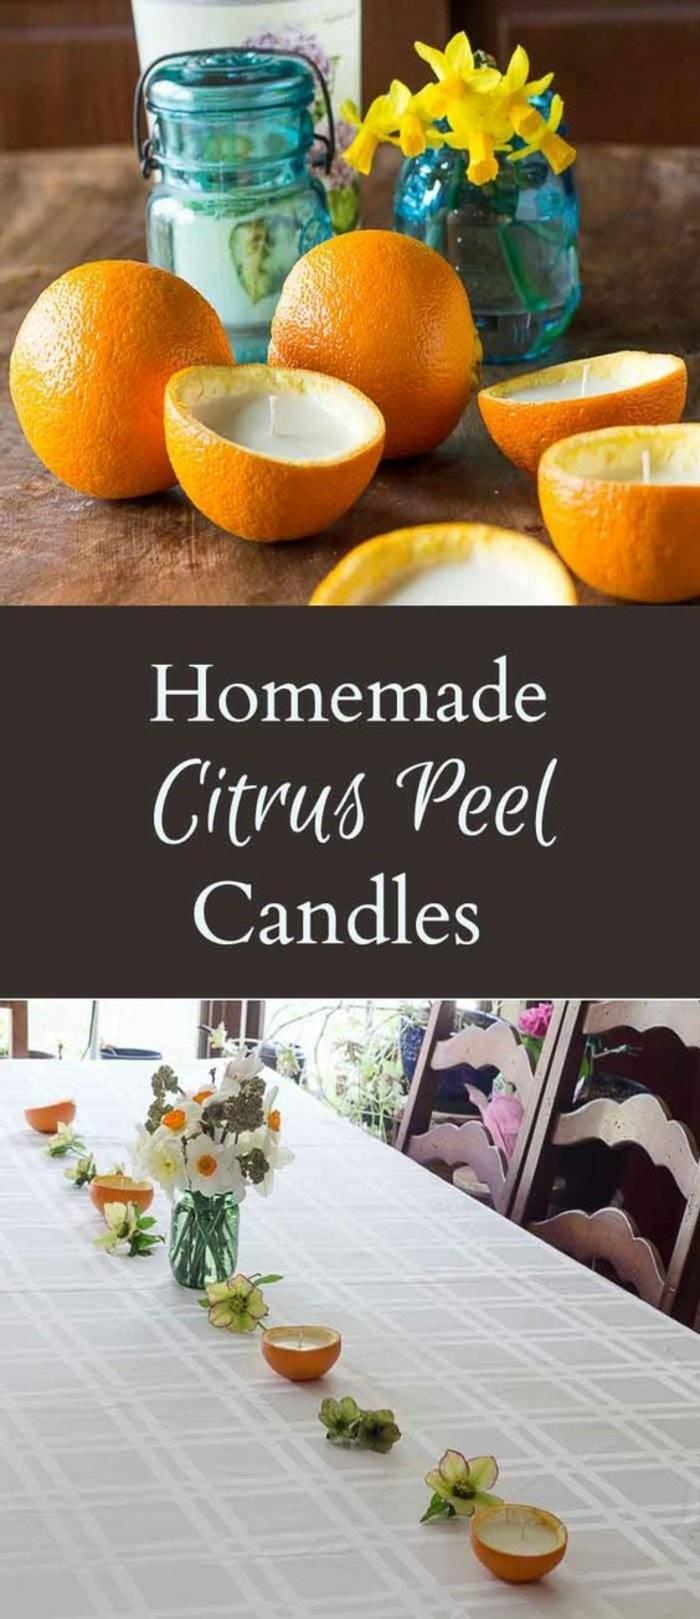 maravillosas ideas de centros de mesa DIY, centro de mesa con velas reutilizadas y naranjas